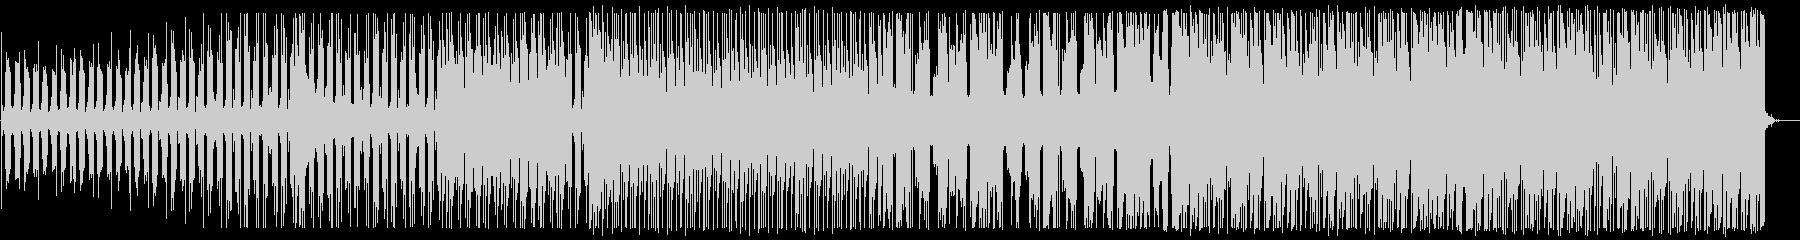 爽やかなトロピカルハウス_No586_3の未再生の波形